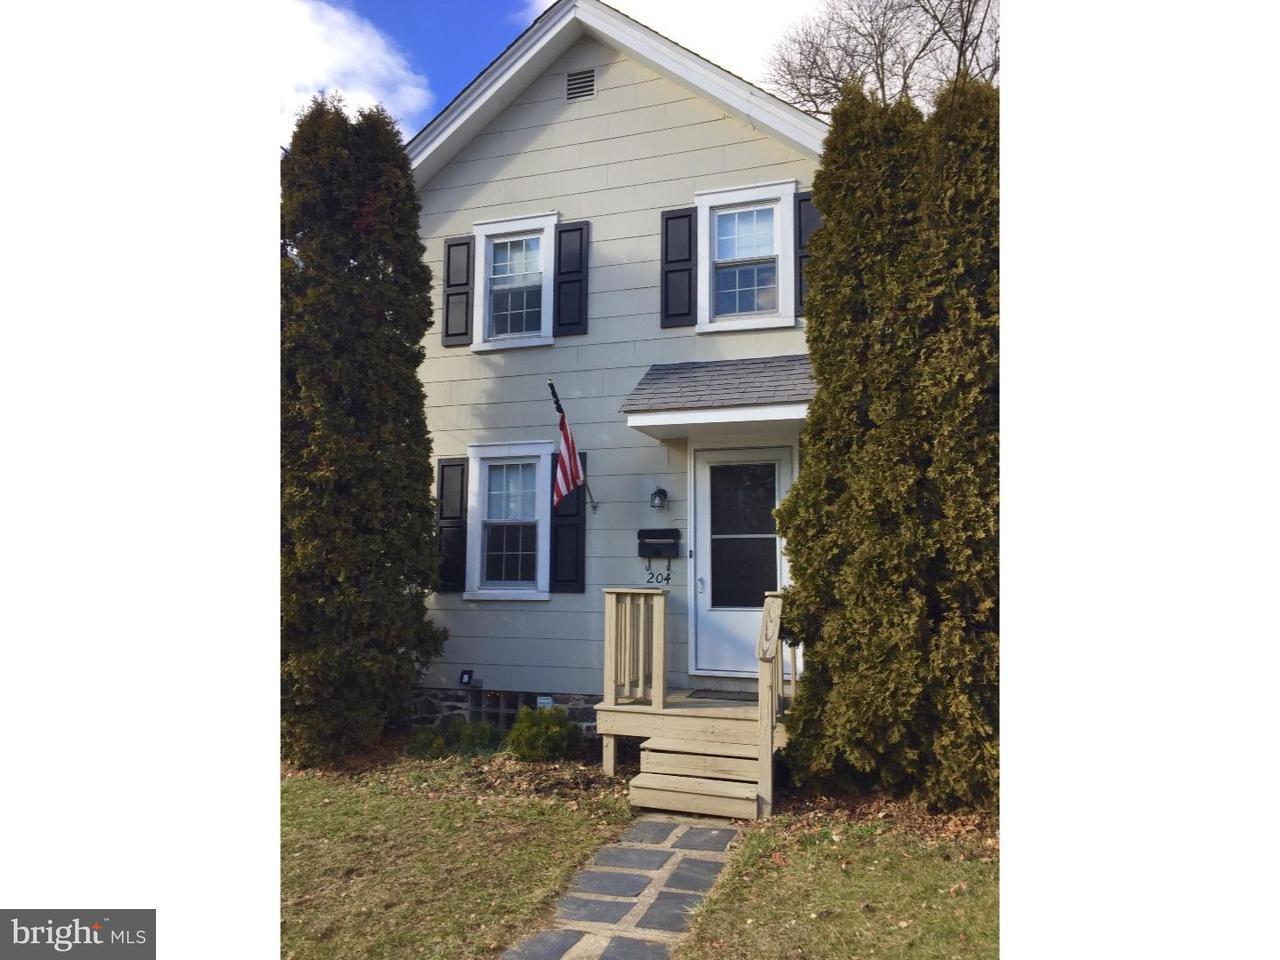 独户住宅 为 出租 在 204 LOWRYS Lane 布林莫尔, 宾夕法尼亚州 19010 美国